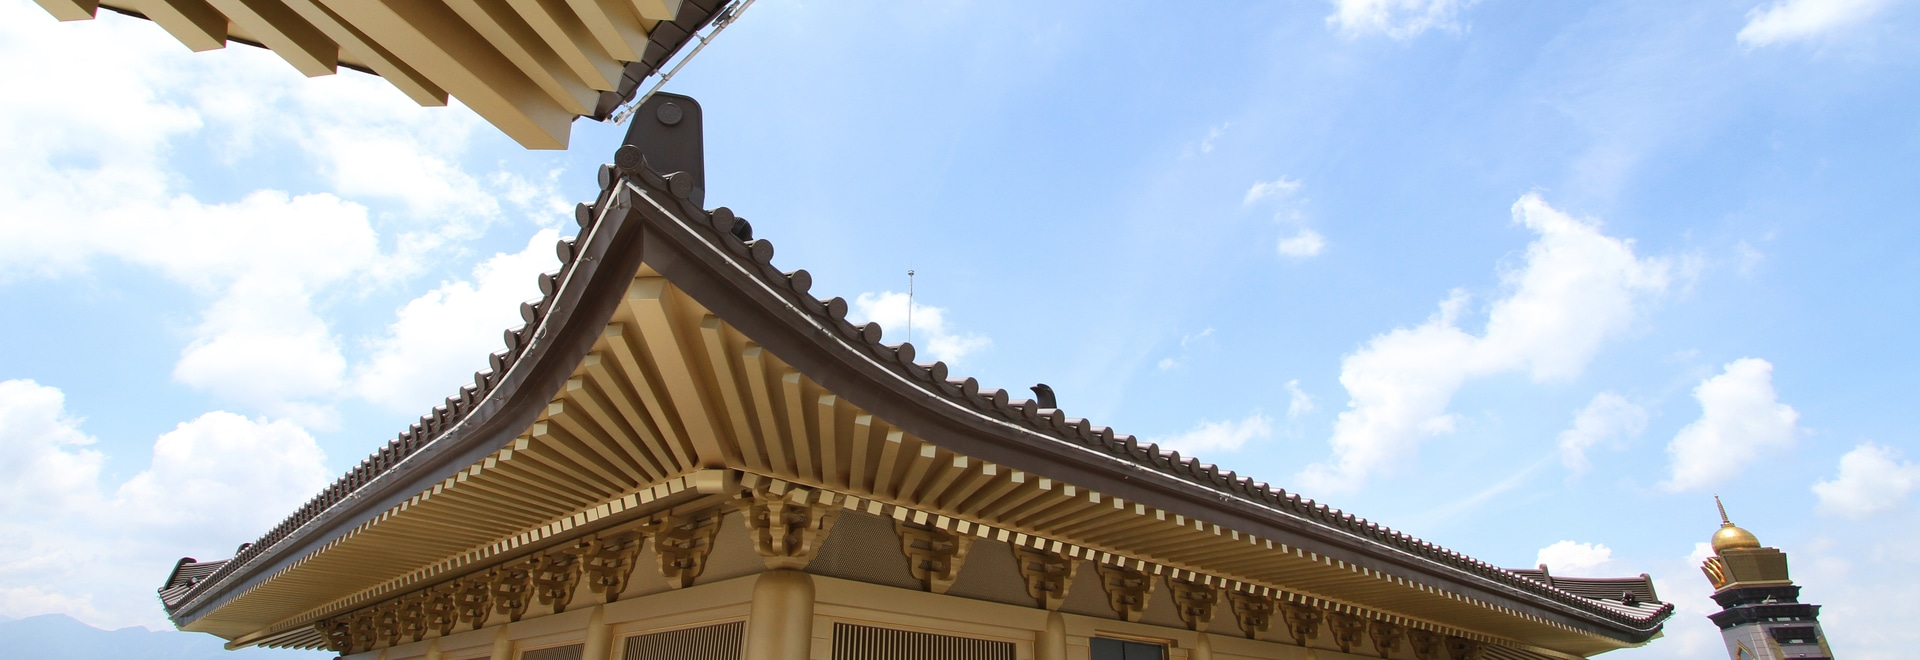 brun et or de Rainbow® d'elZinc pour la toiture et le revêtement du musée du monastère.